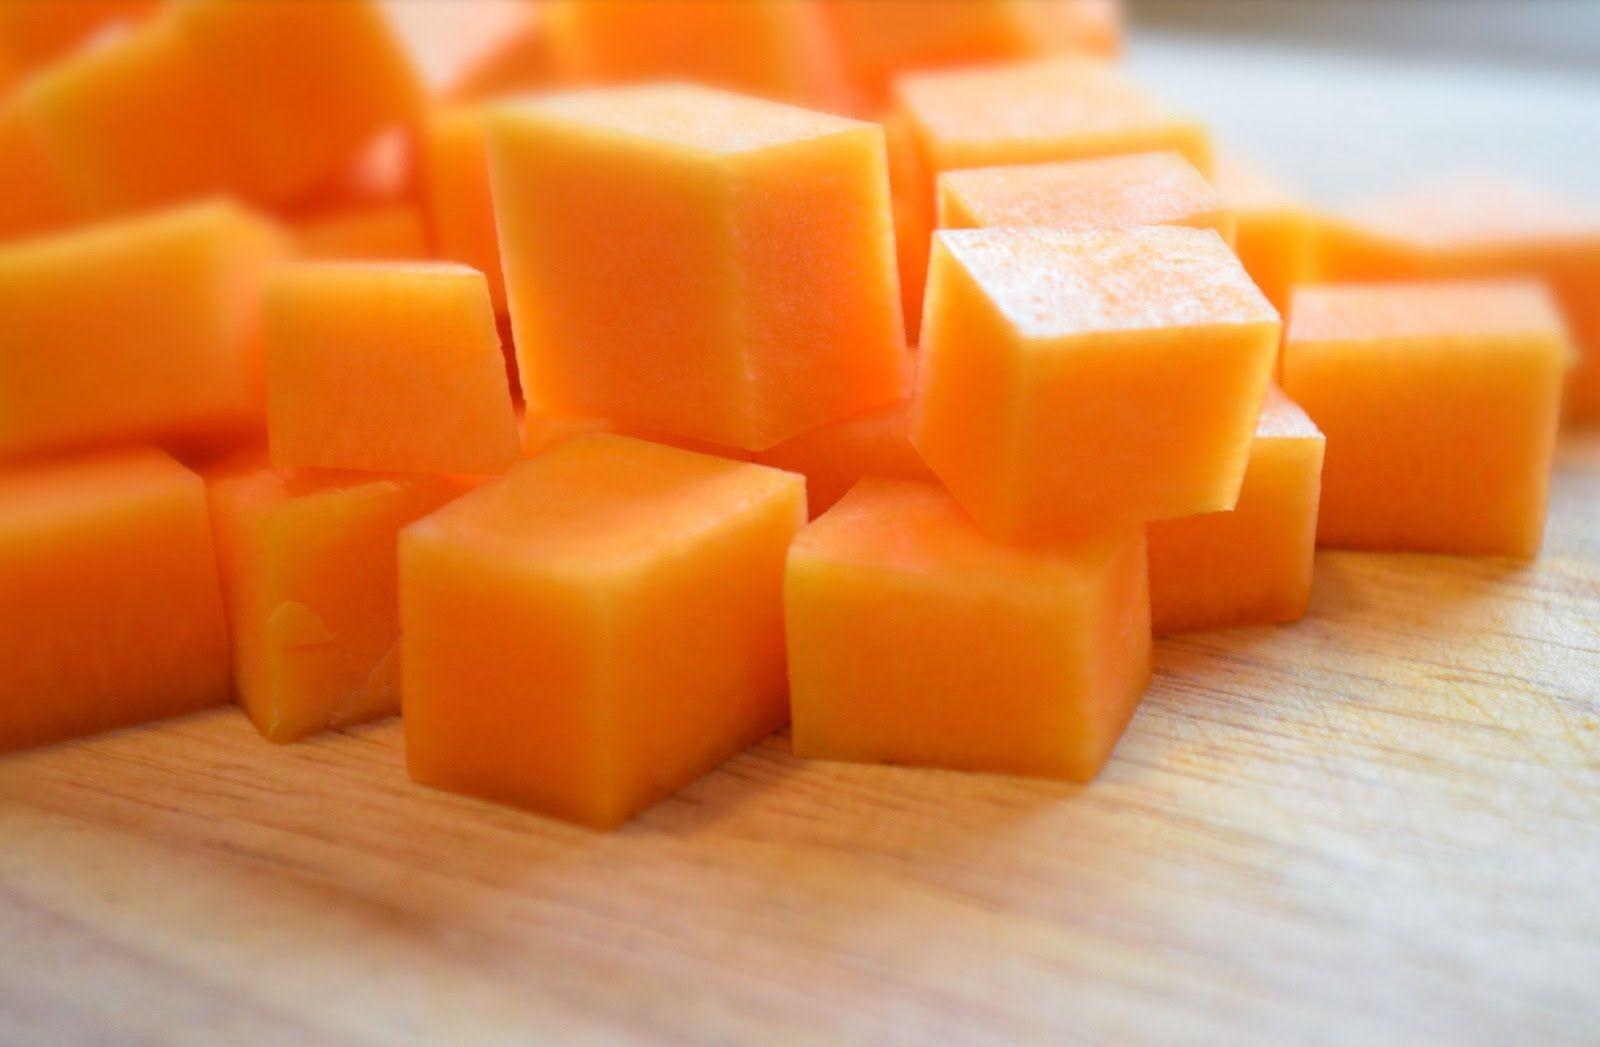 Как избавиться от сахара в крови, холестерина, липидов и триглицеридов всего за один месяц